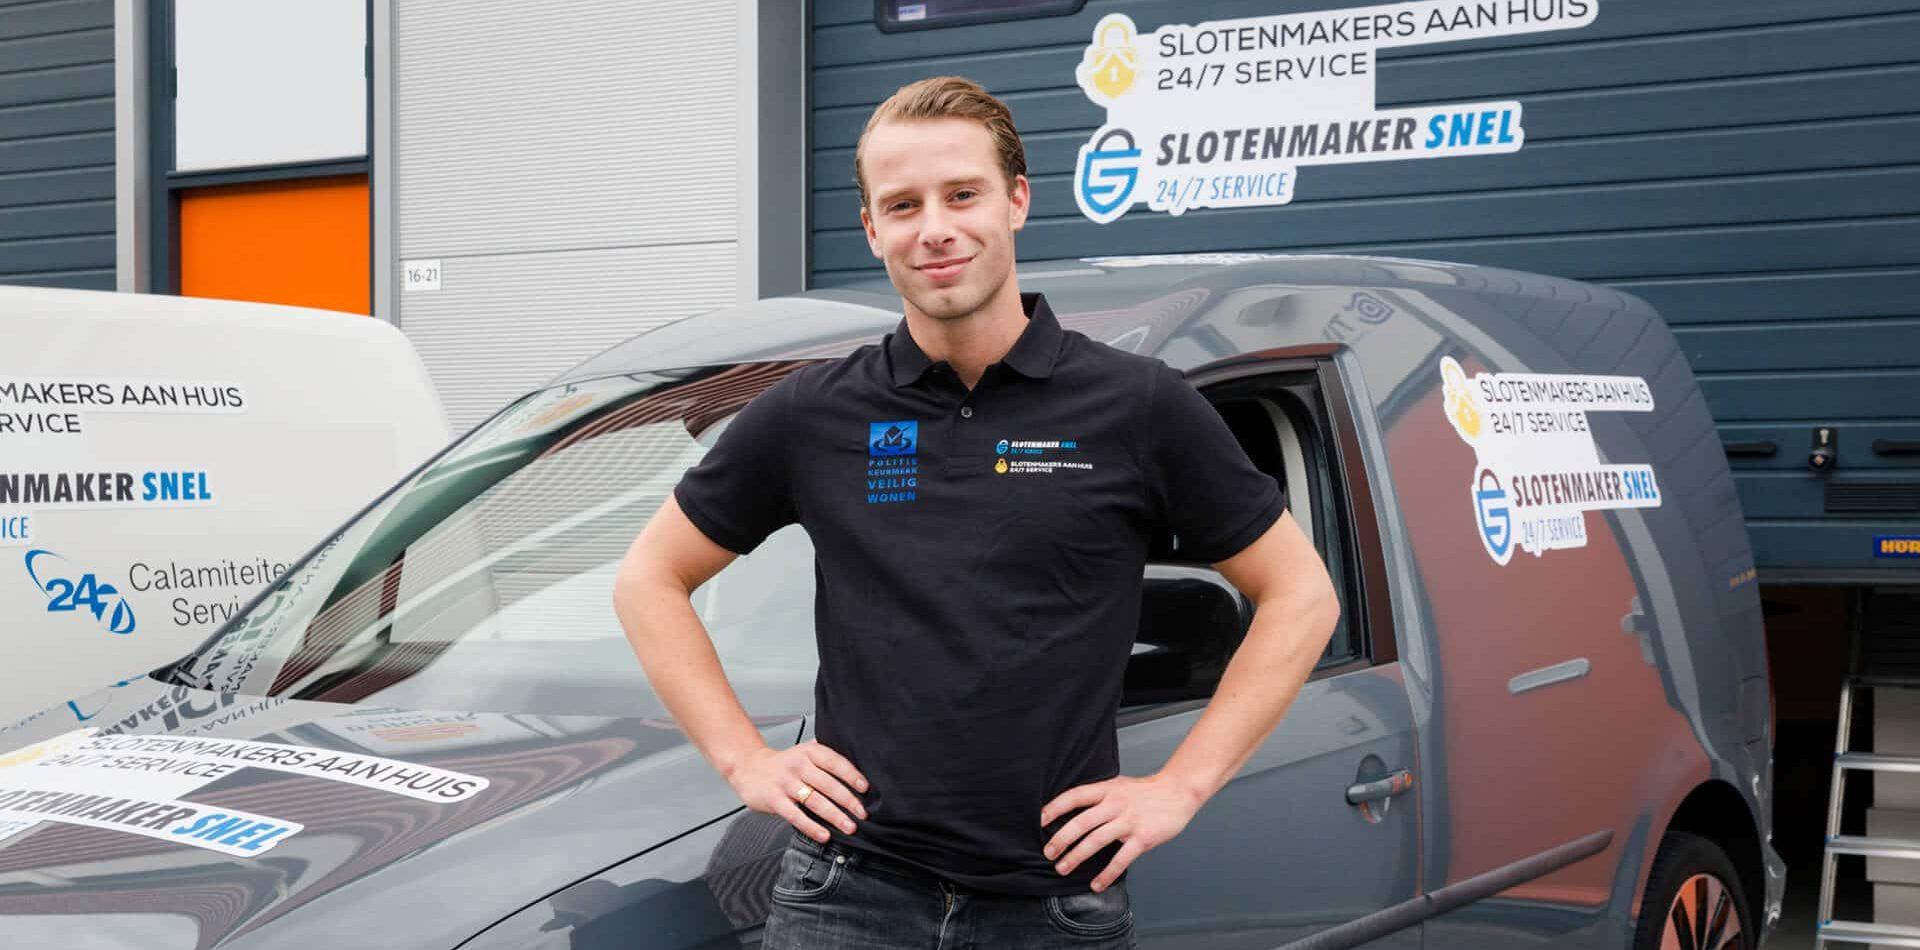 Slotenmaker Heerhugowaard